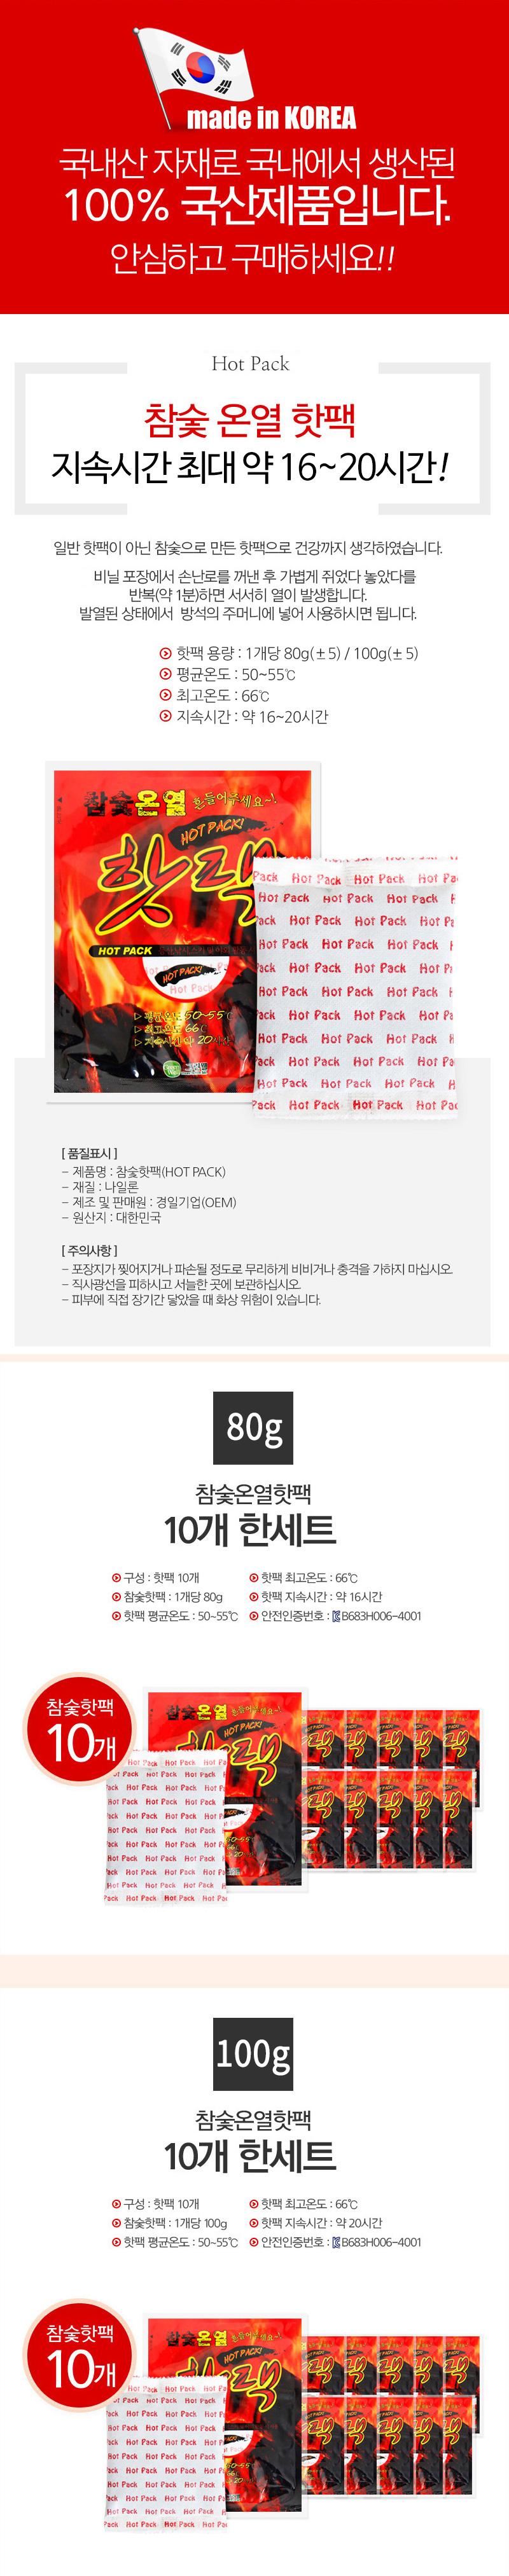 참숯 온열 핫팩 100g 10개(1set) - 아도라하우스, 20,000원, 겨울용품, 손난로/핫팩